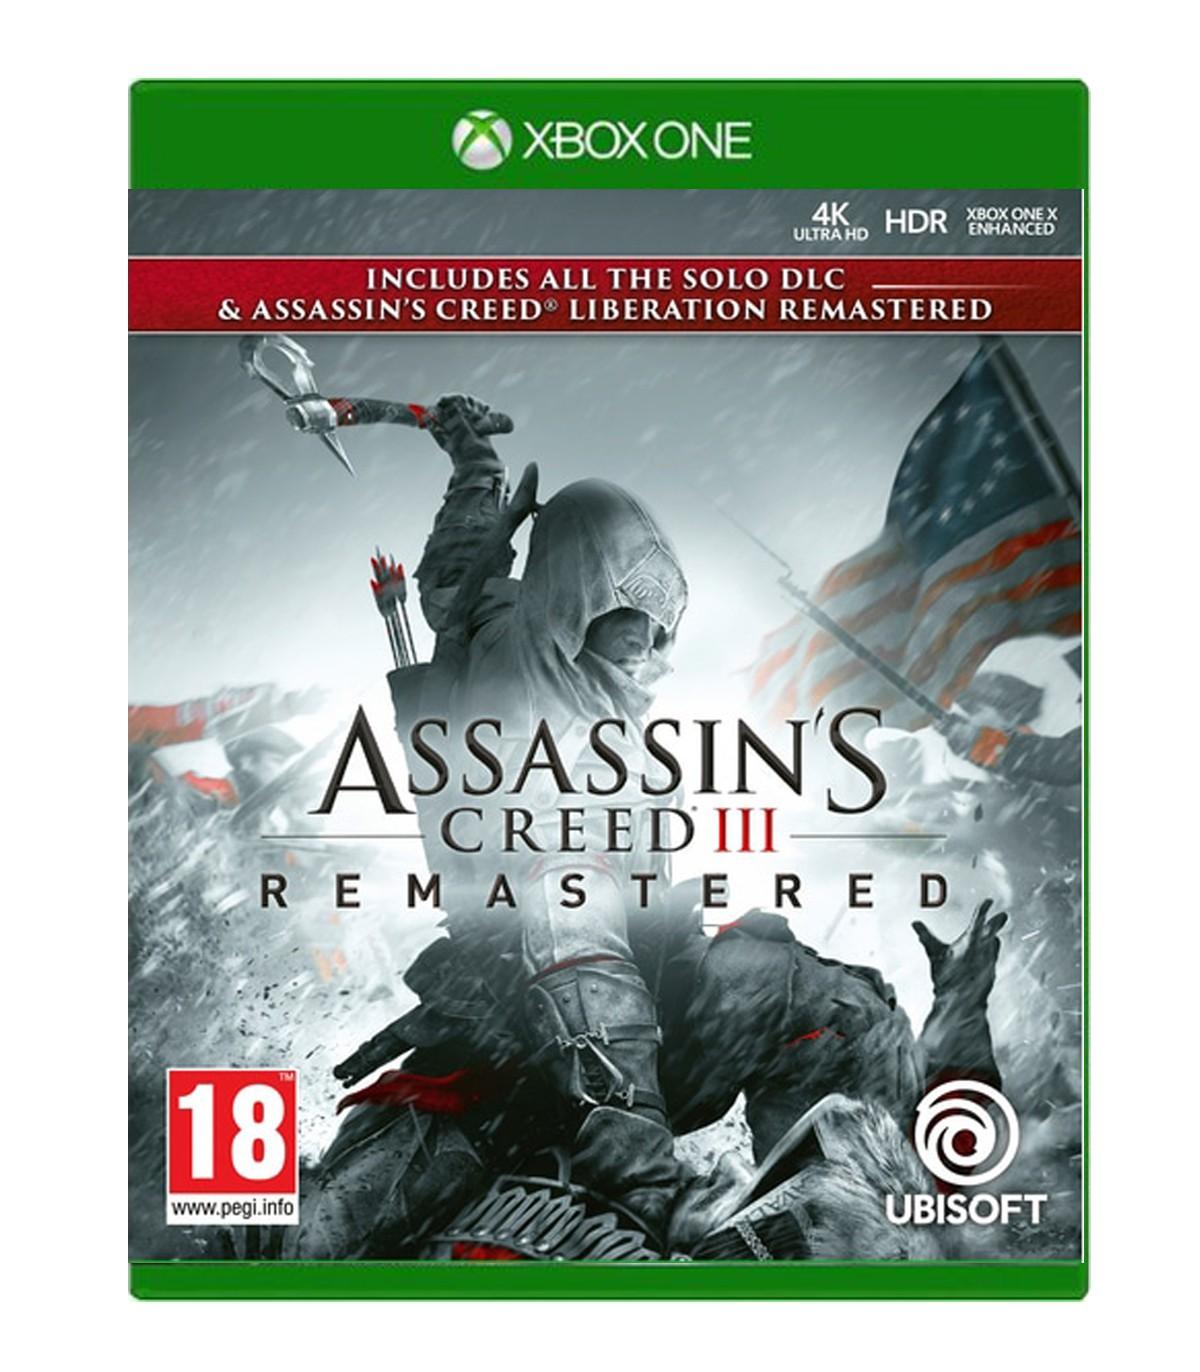 بازی Assassin's Creed 3 Remastered - ایکس باکس وان